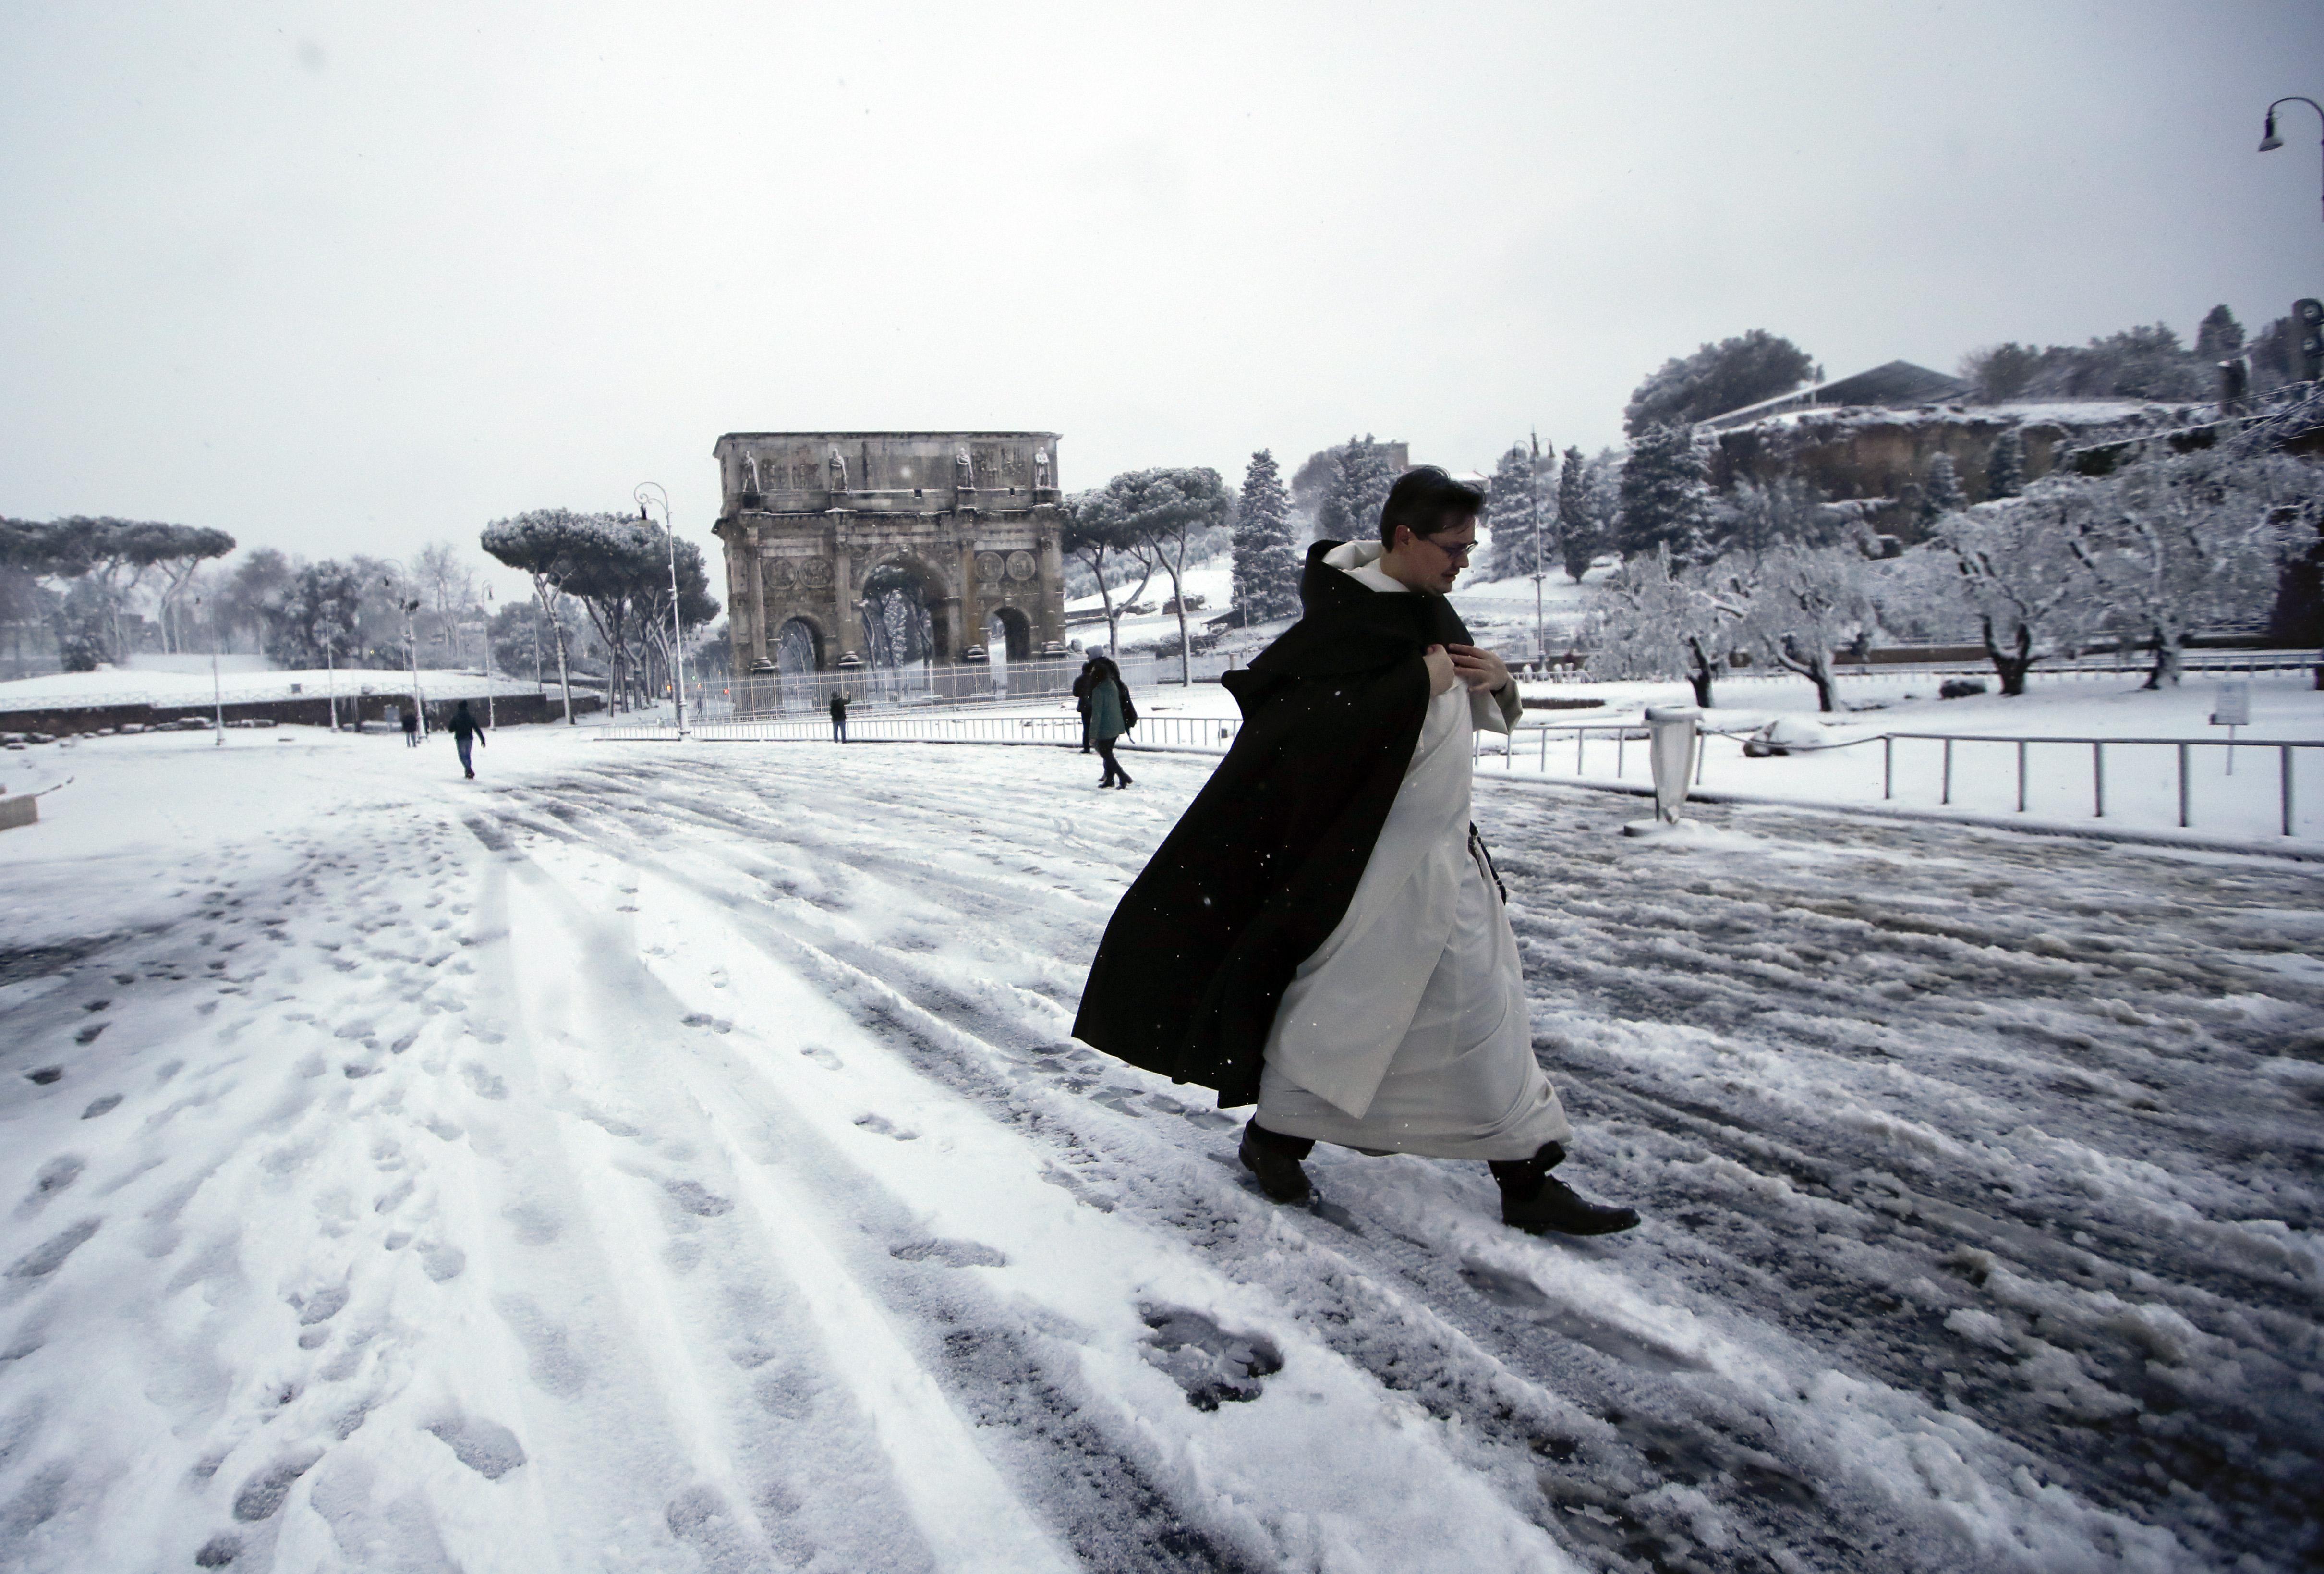 Un cura caminando cerca del Arco de Constantino (AP/Alessandra Tarantino)